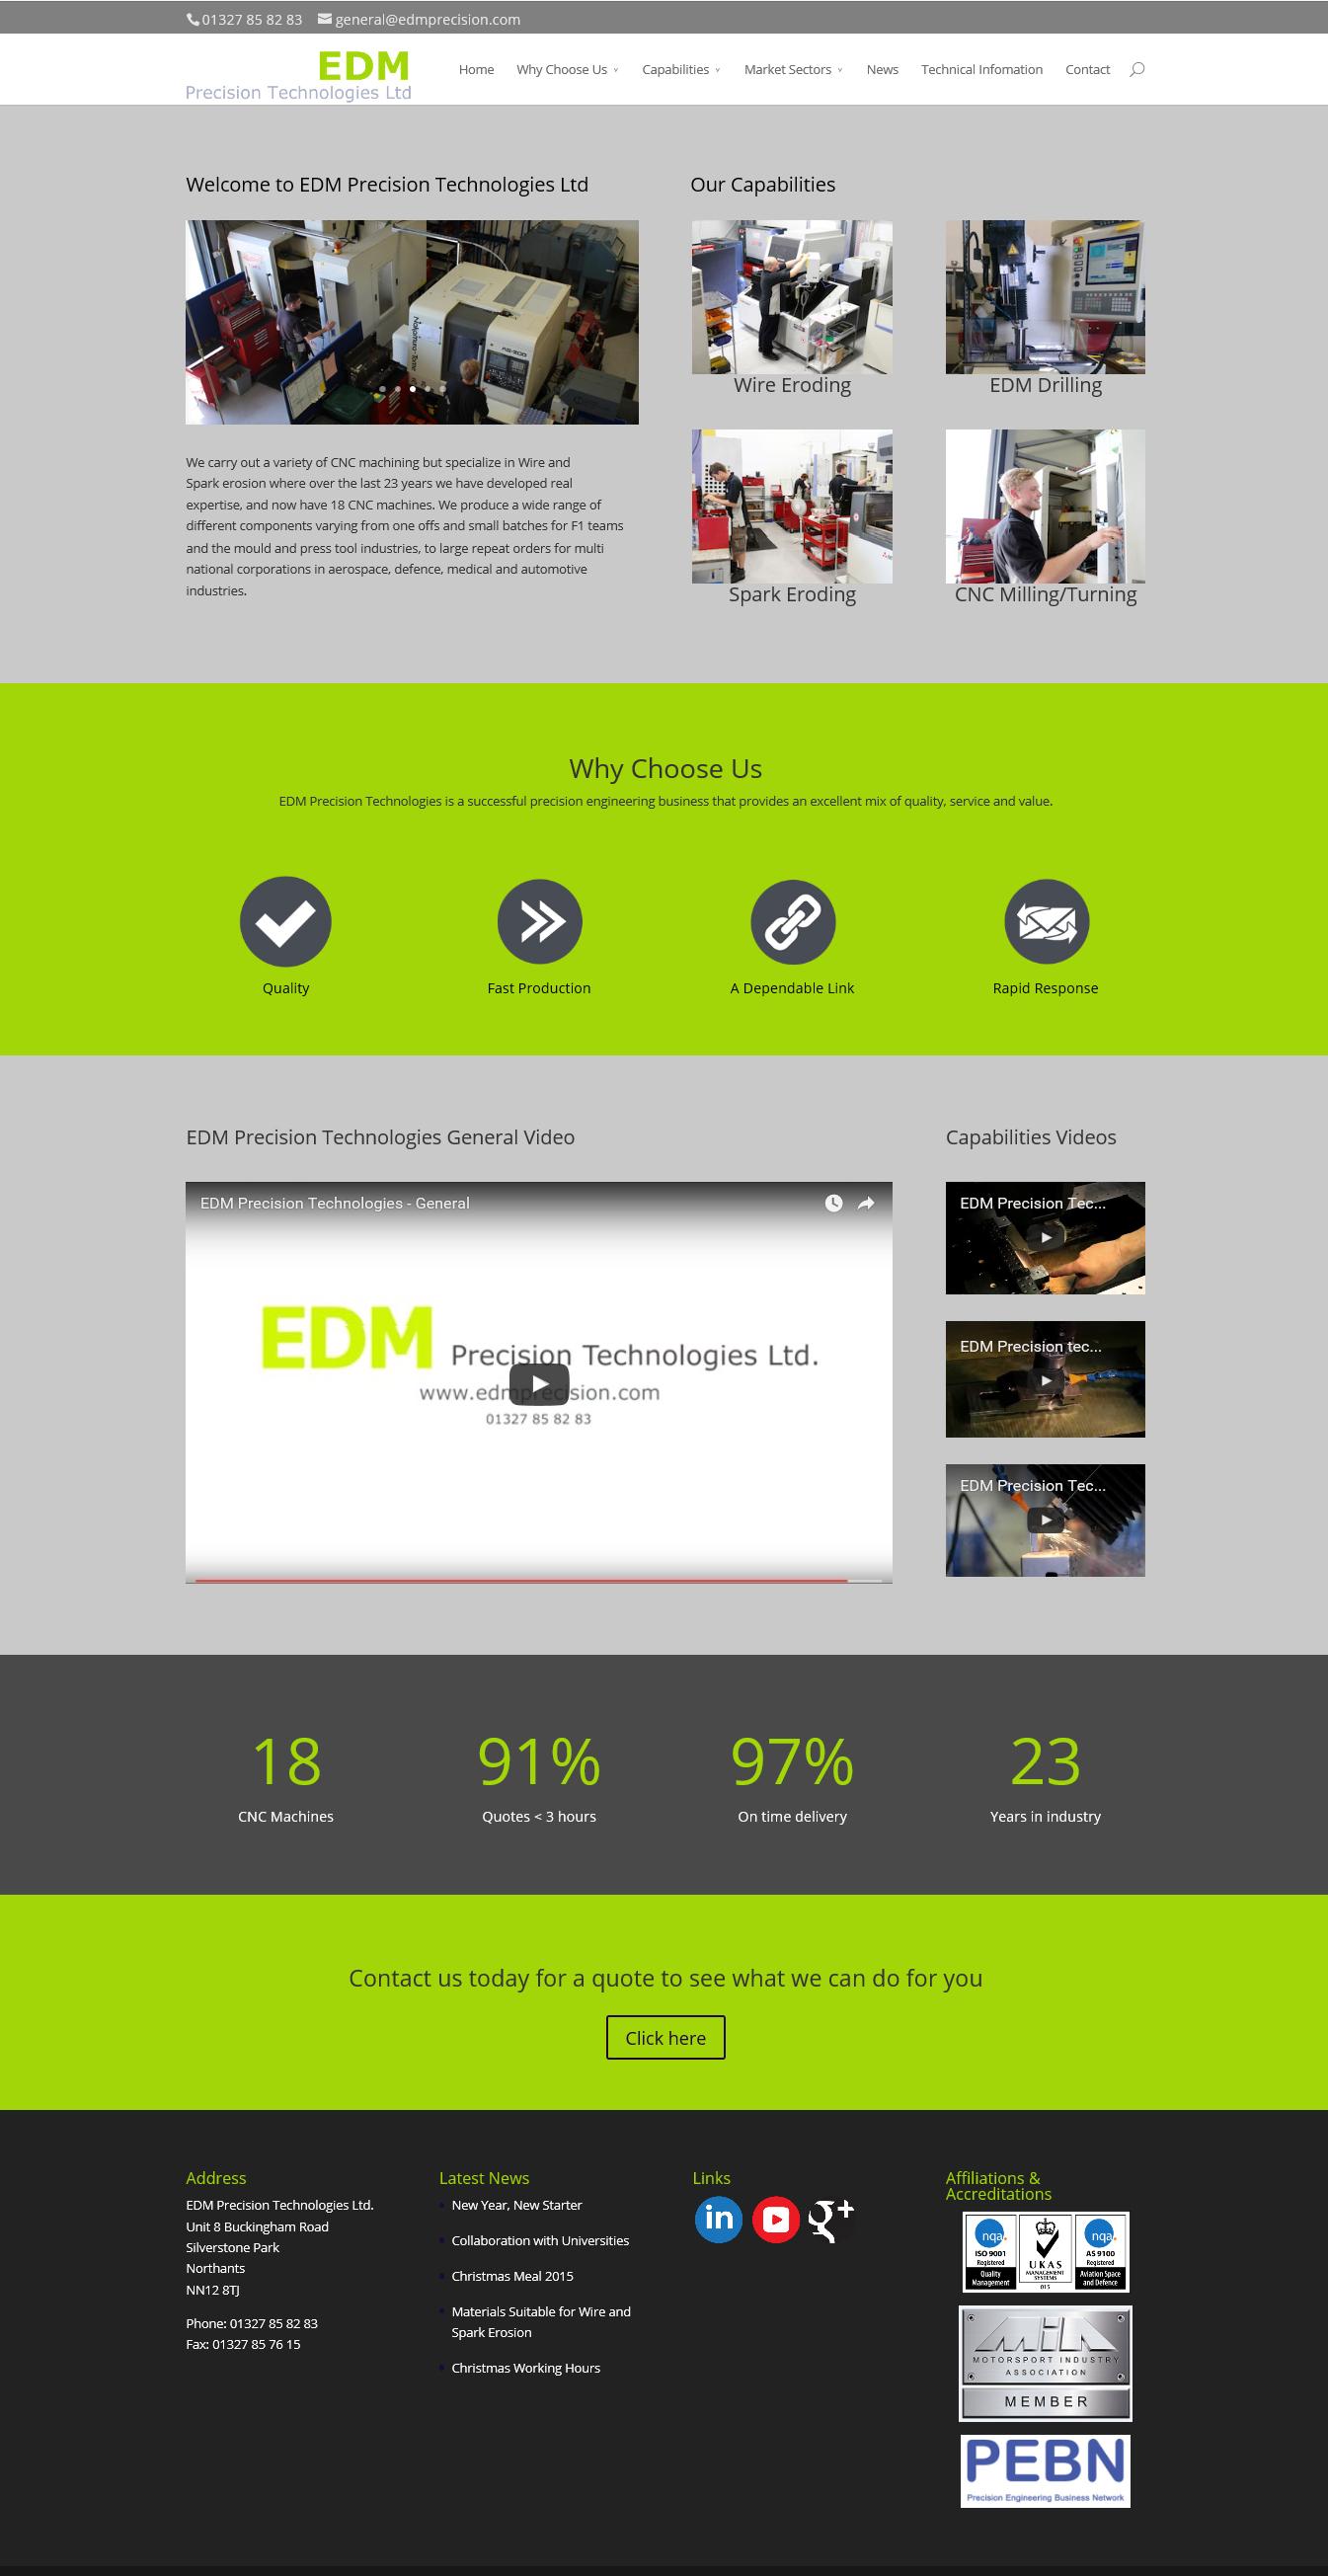 EDM Precision